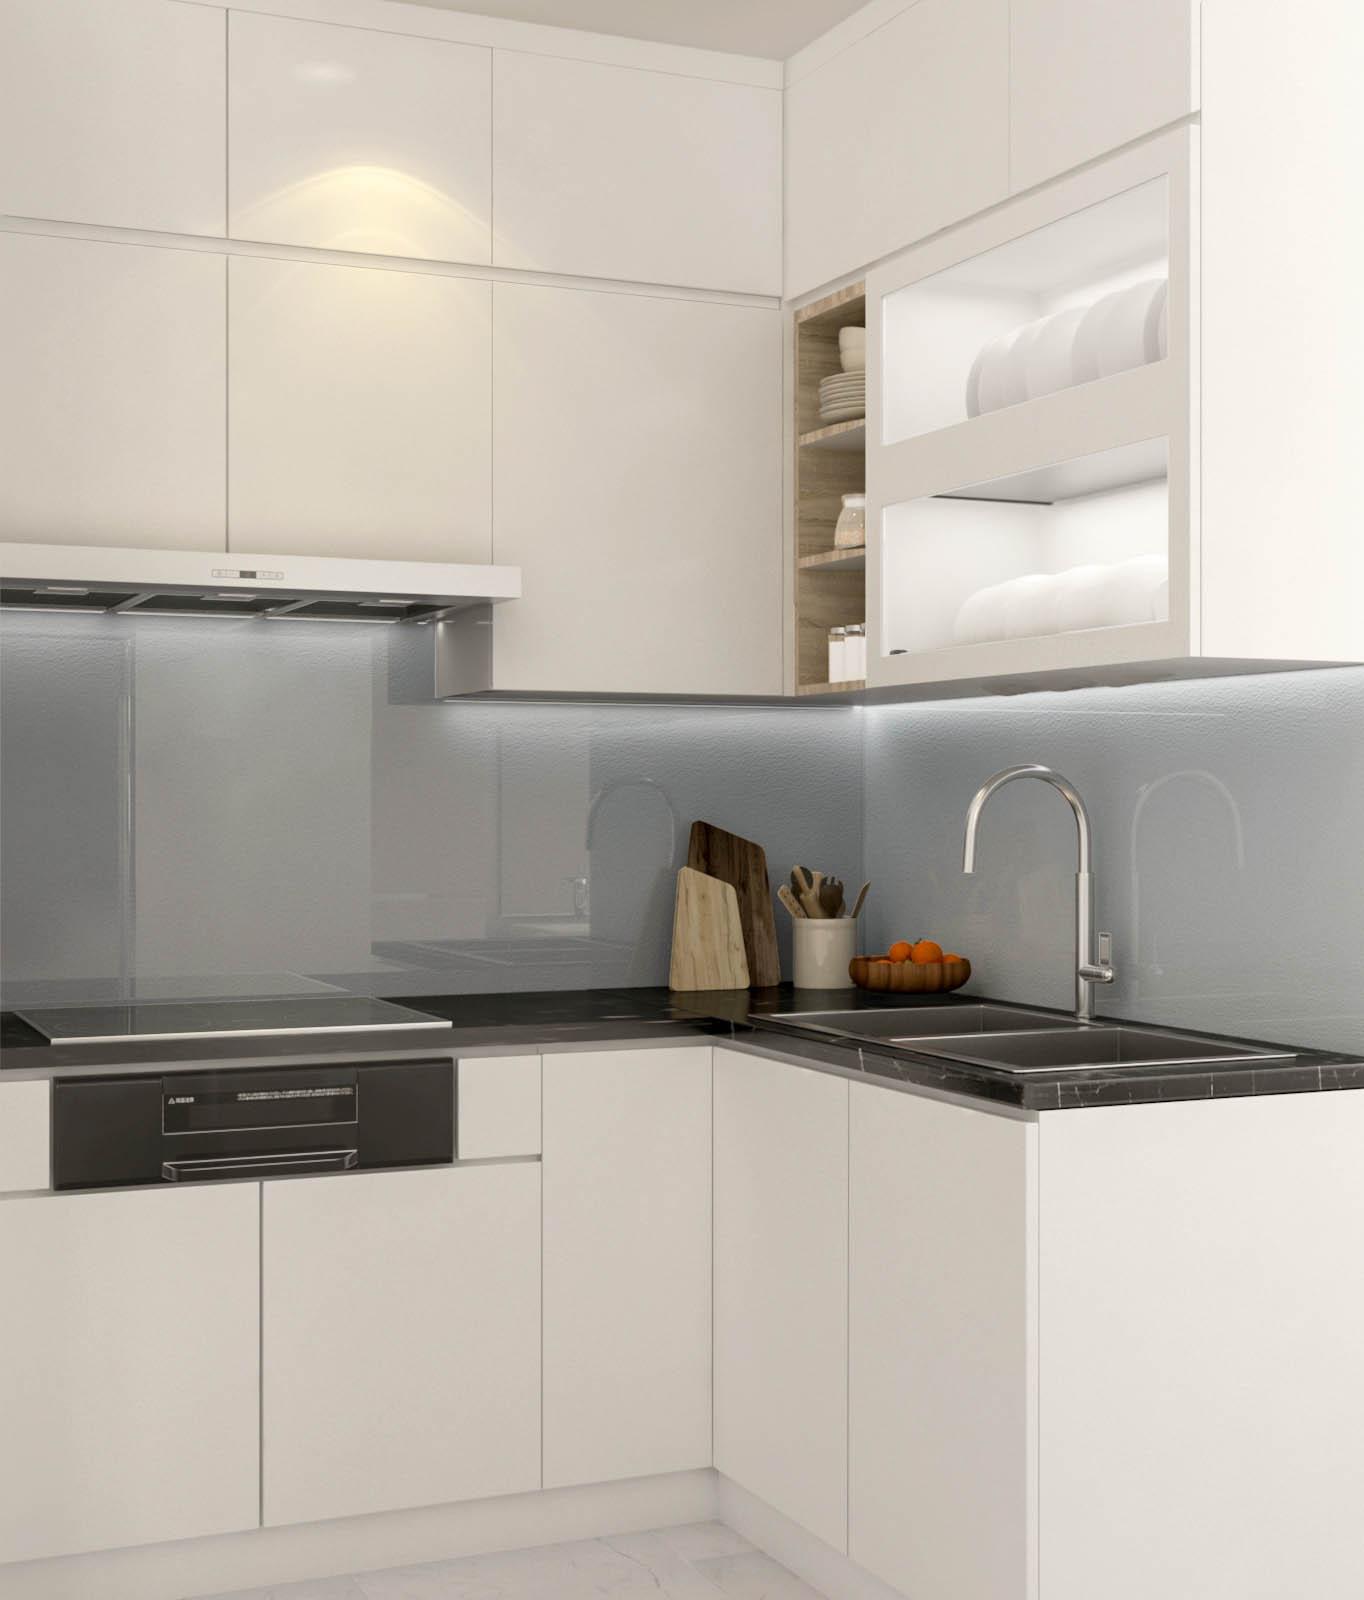 Tư vấn thiết kế cải tạo căn hộ tập thể 50m² với tổng chi phí 180 triệu đồng - Ảnh 5.